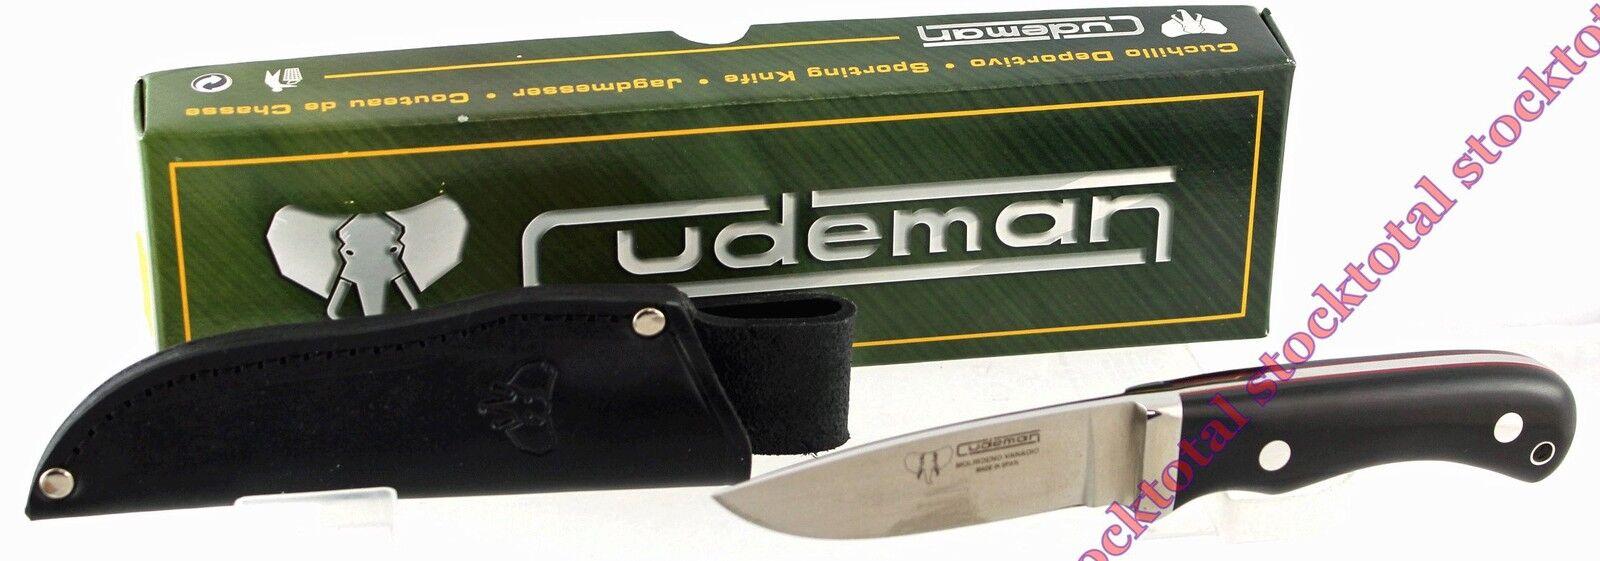 Cuchillo de caza Cudeman 116M  Mango Micarta 116M KNIFE MESSER MESSER KNIFE 4b449c